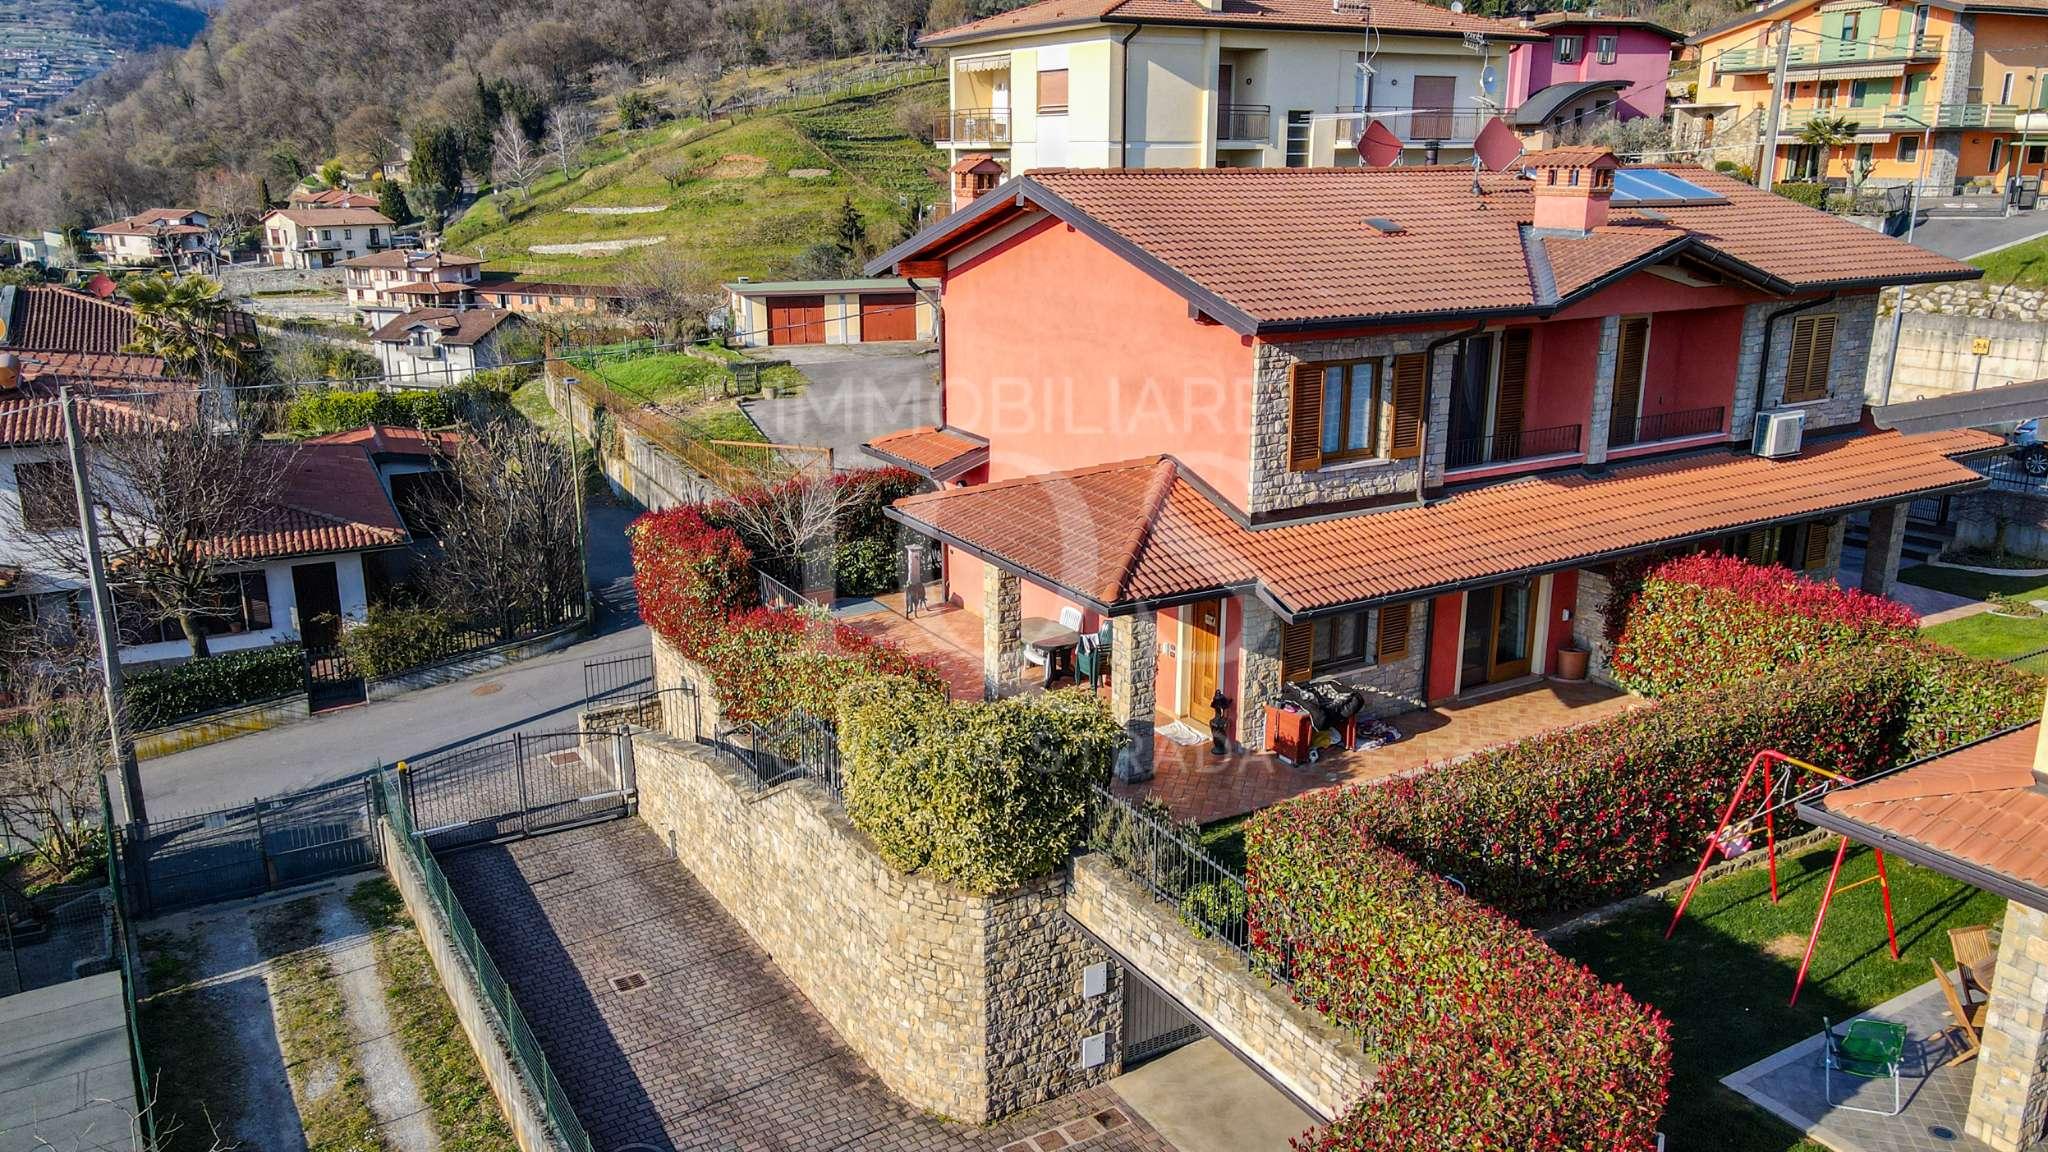 Villa Bifamiliare in vendita a Viadanica, 6 locali, prezzo € 265.000   PortaleAgenzieImmobiliari.it